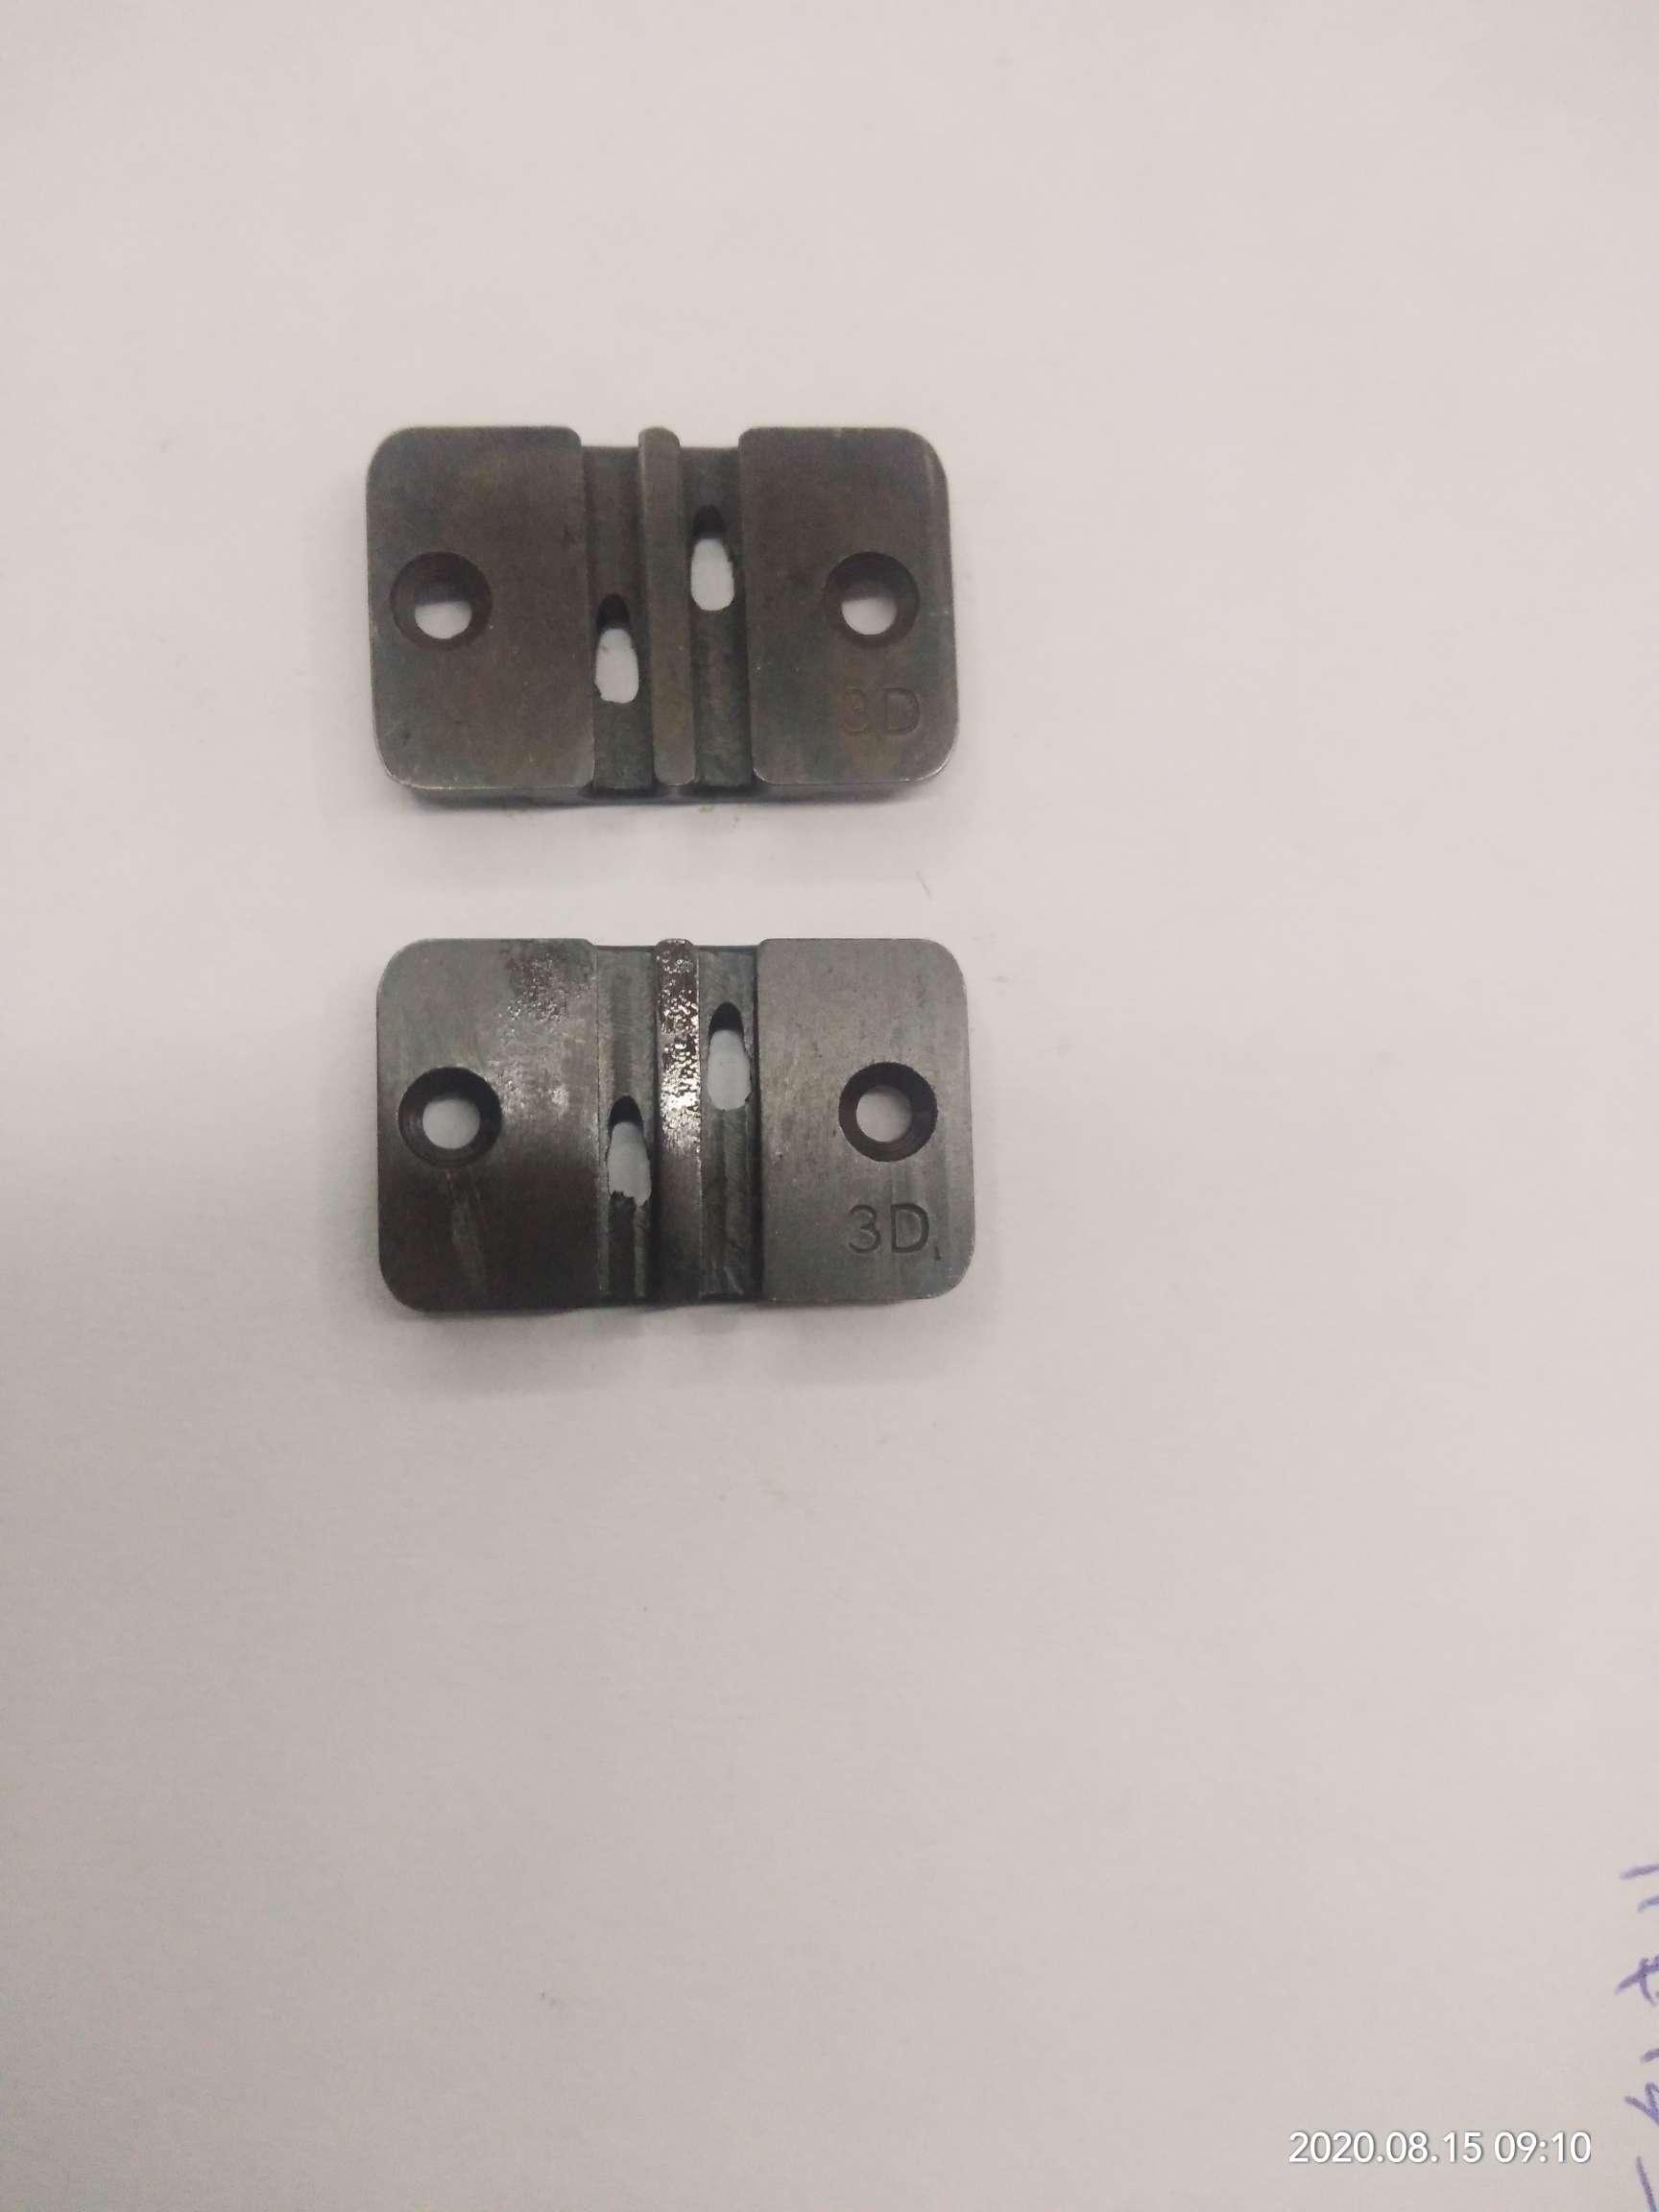 拉链机械缝合机配件通用进口3号双针小针板